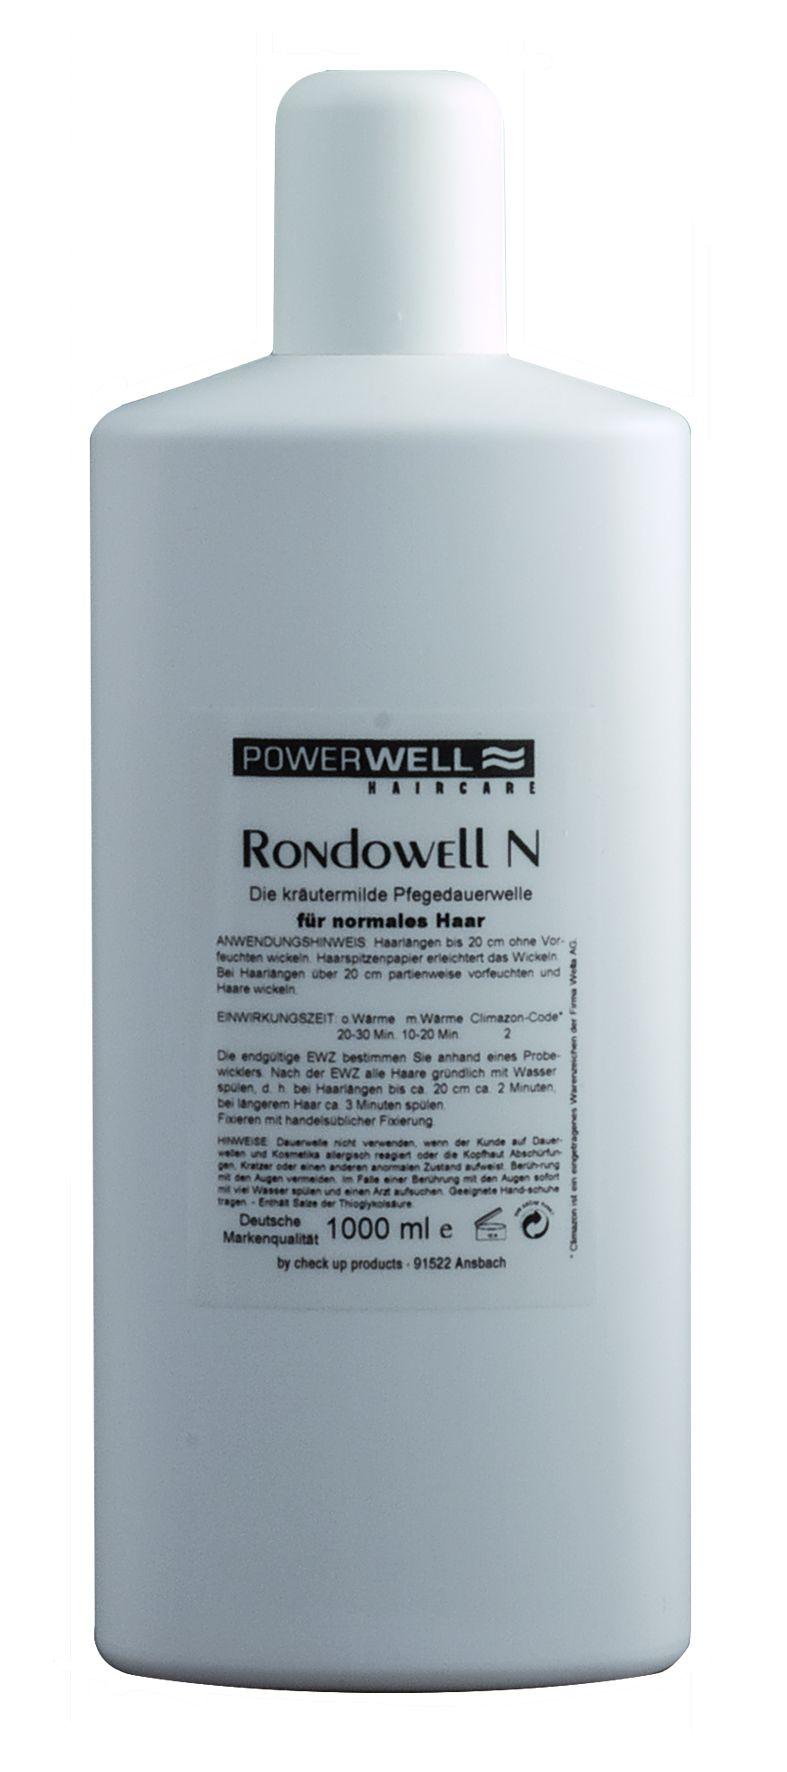 POWERWELL Rondowell Dauerwelle GEFÄRBT 1 L